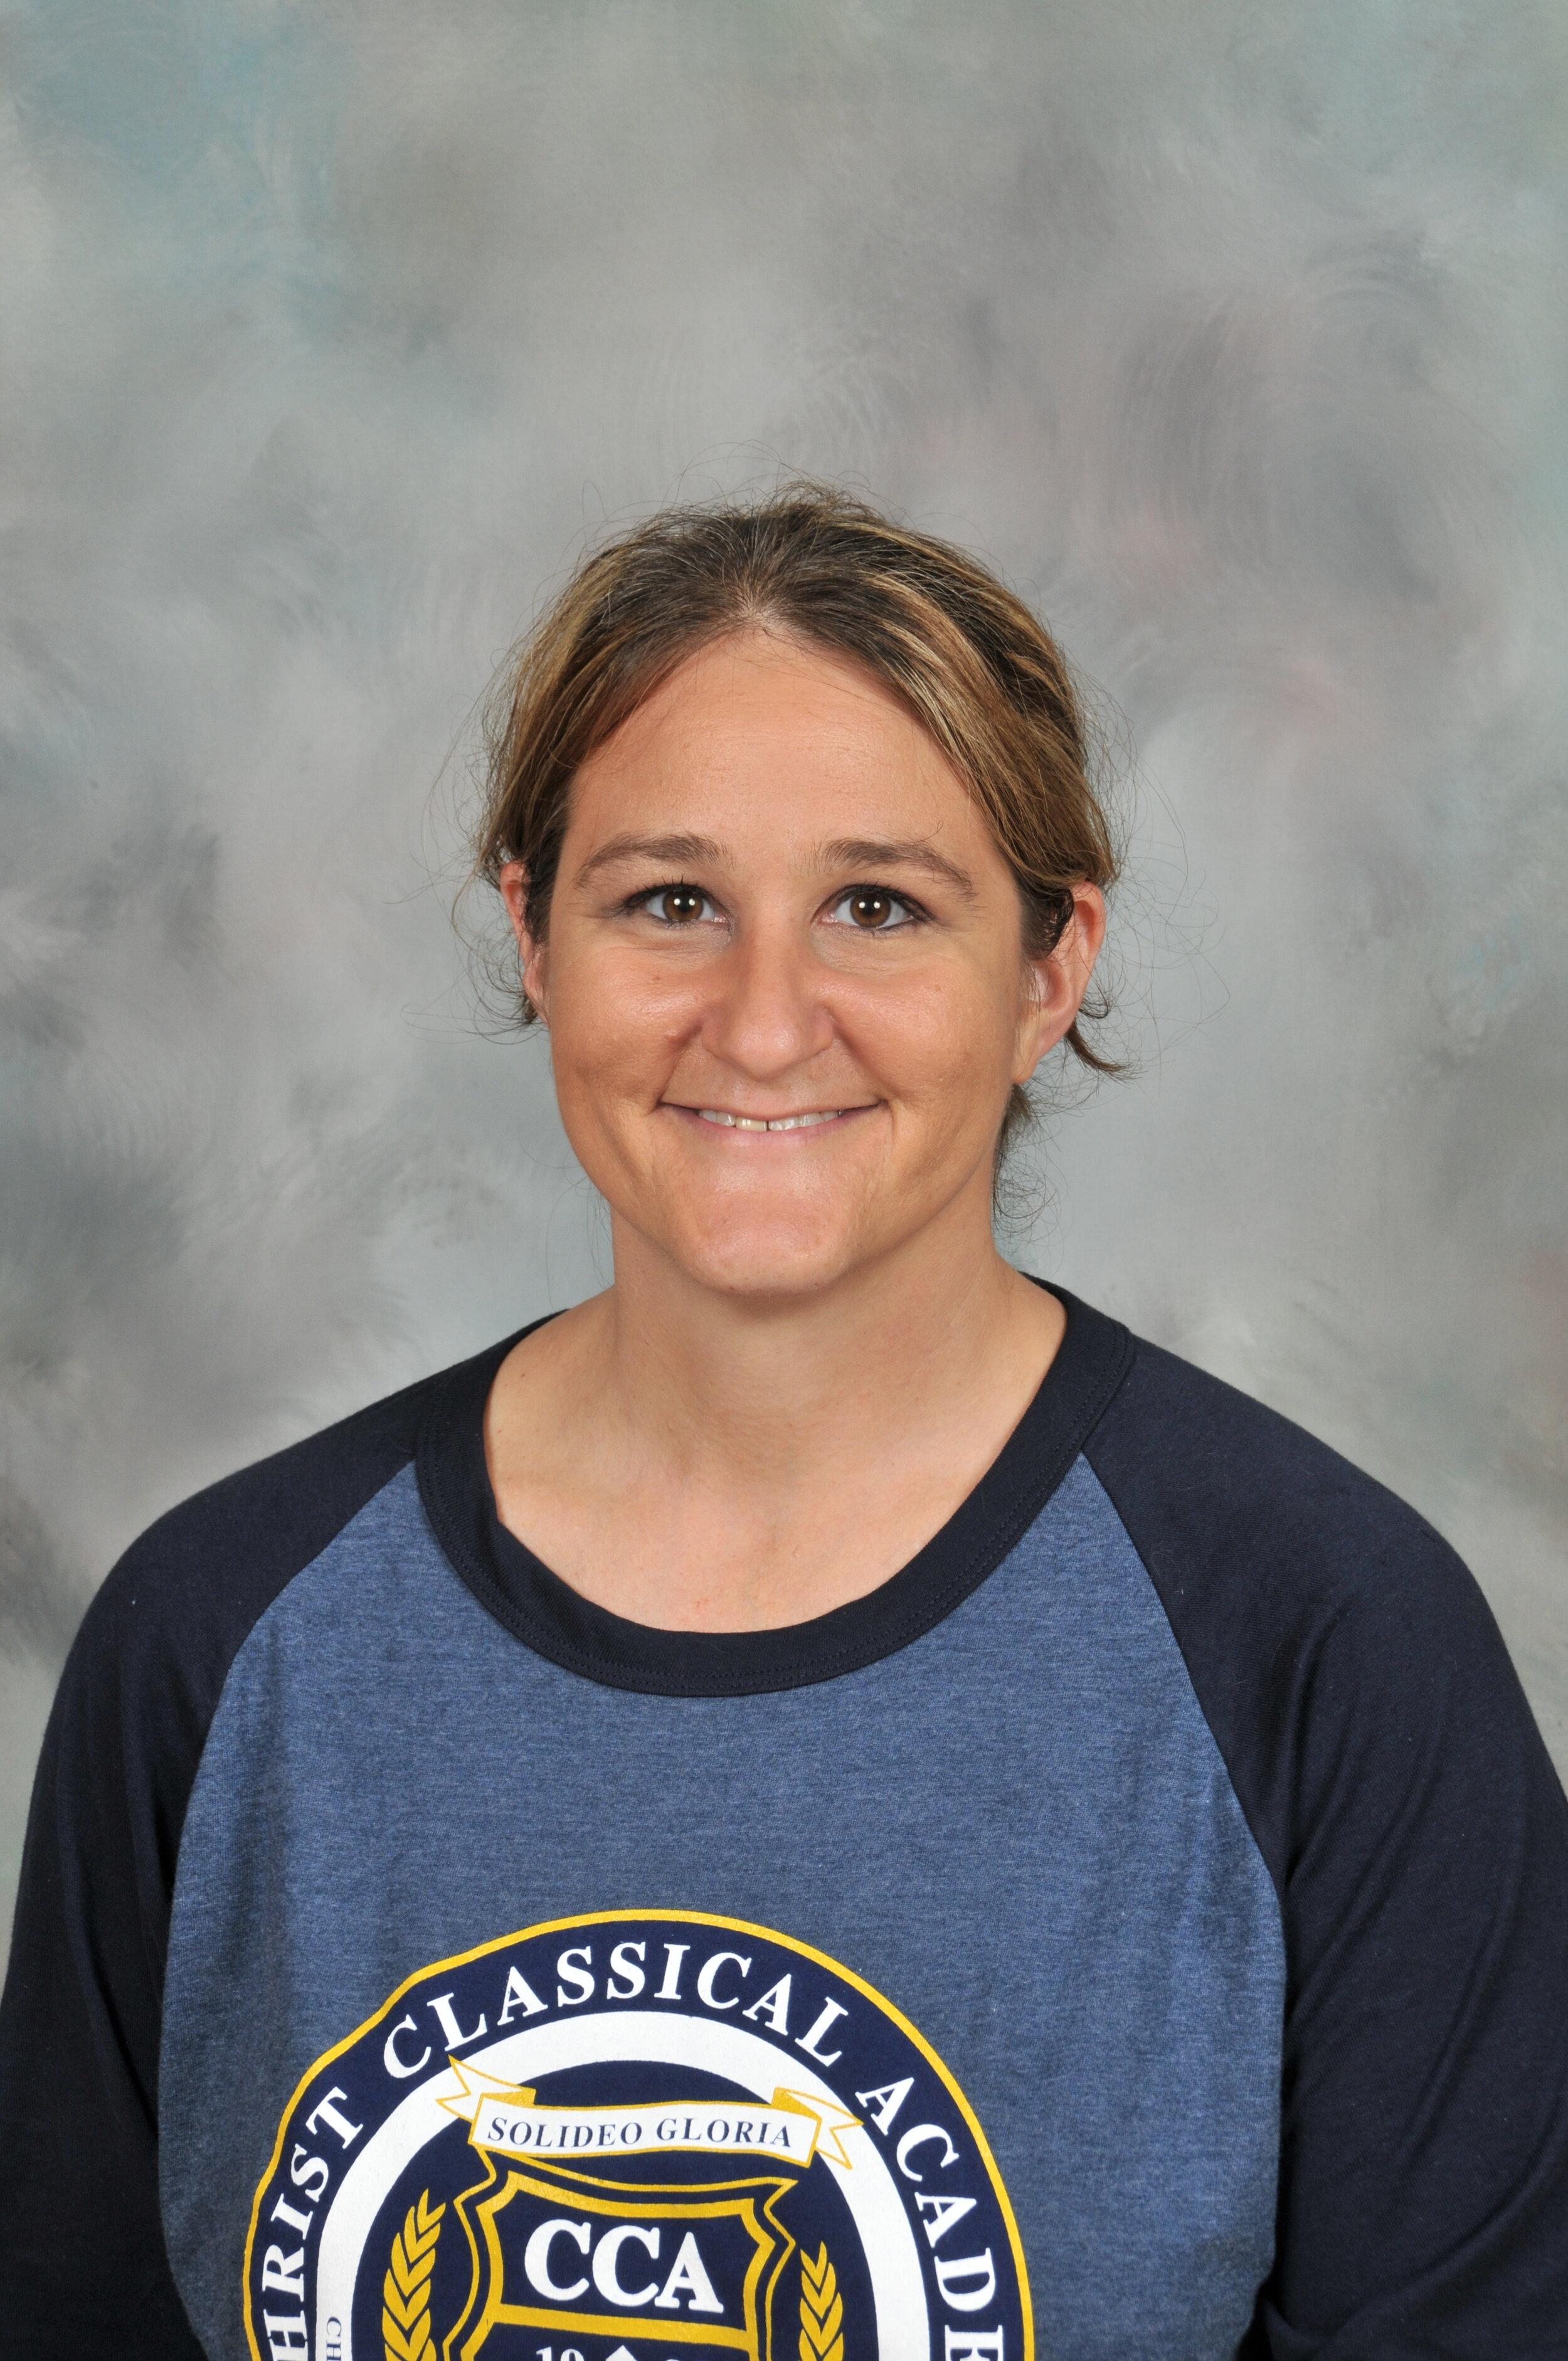 Gretchen Nichols, Pre-K Assistant